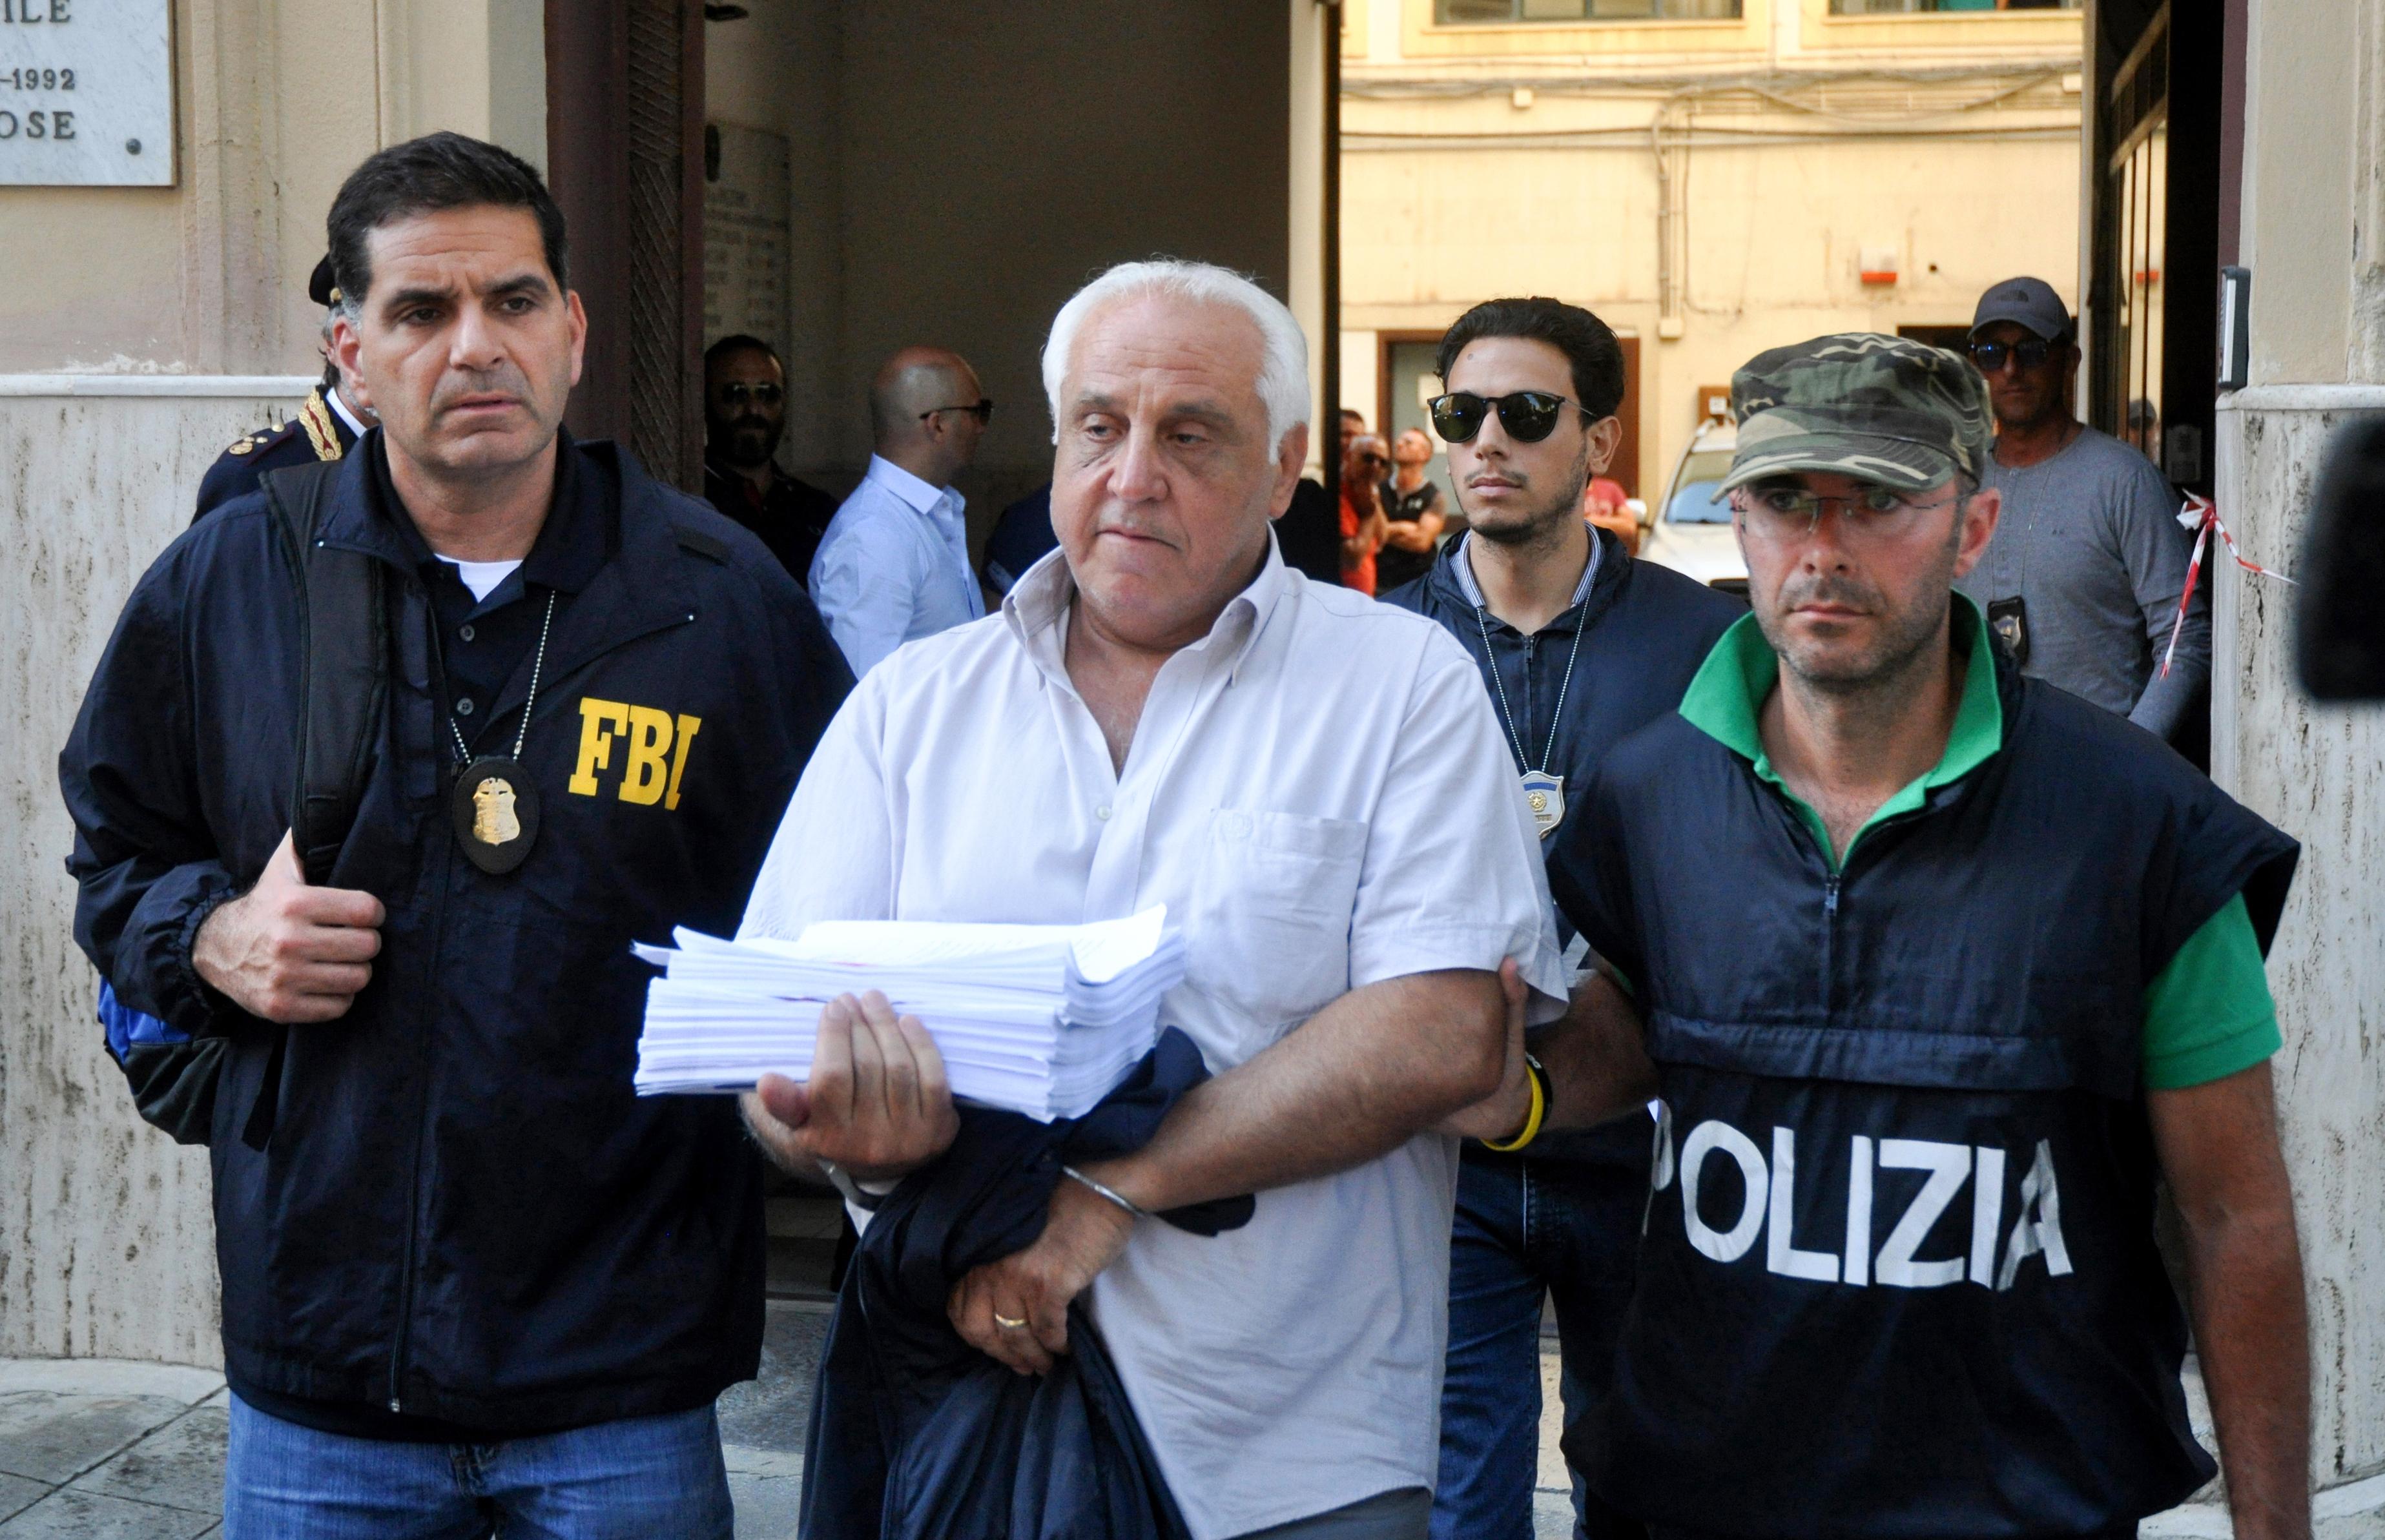 Több tucatnyi maffiafőnök jöhet ki a börtönből a járvány miatt Olaszországban